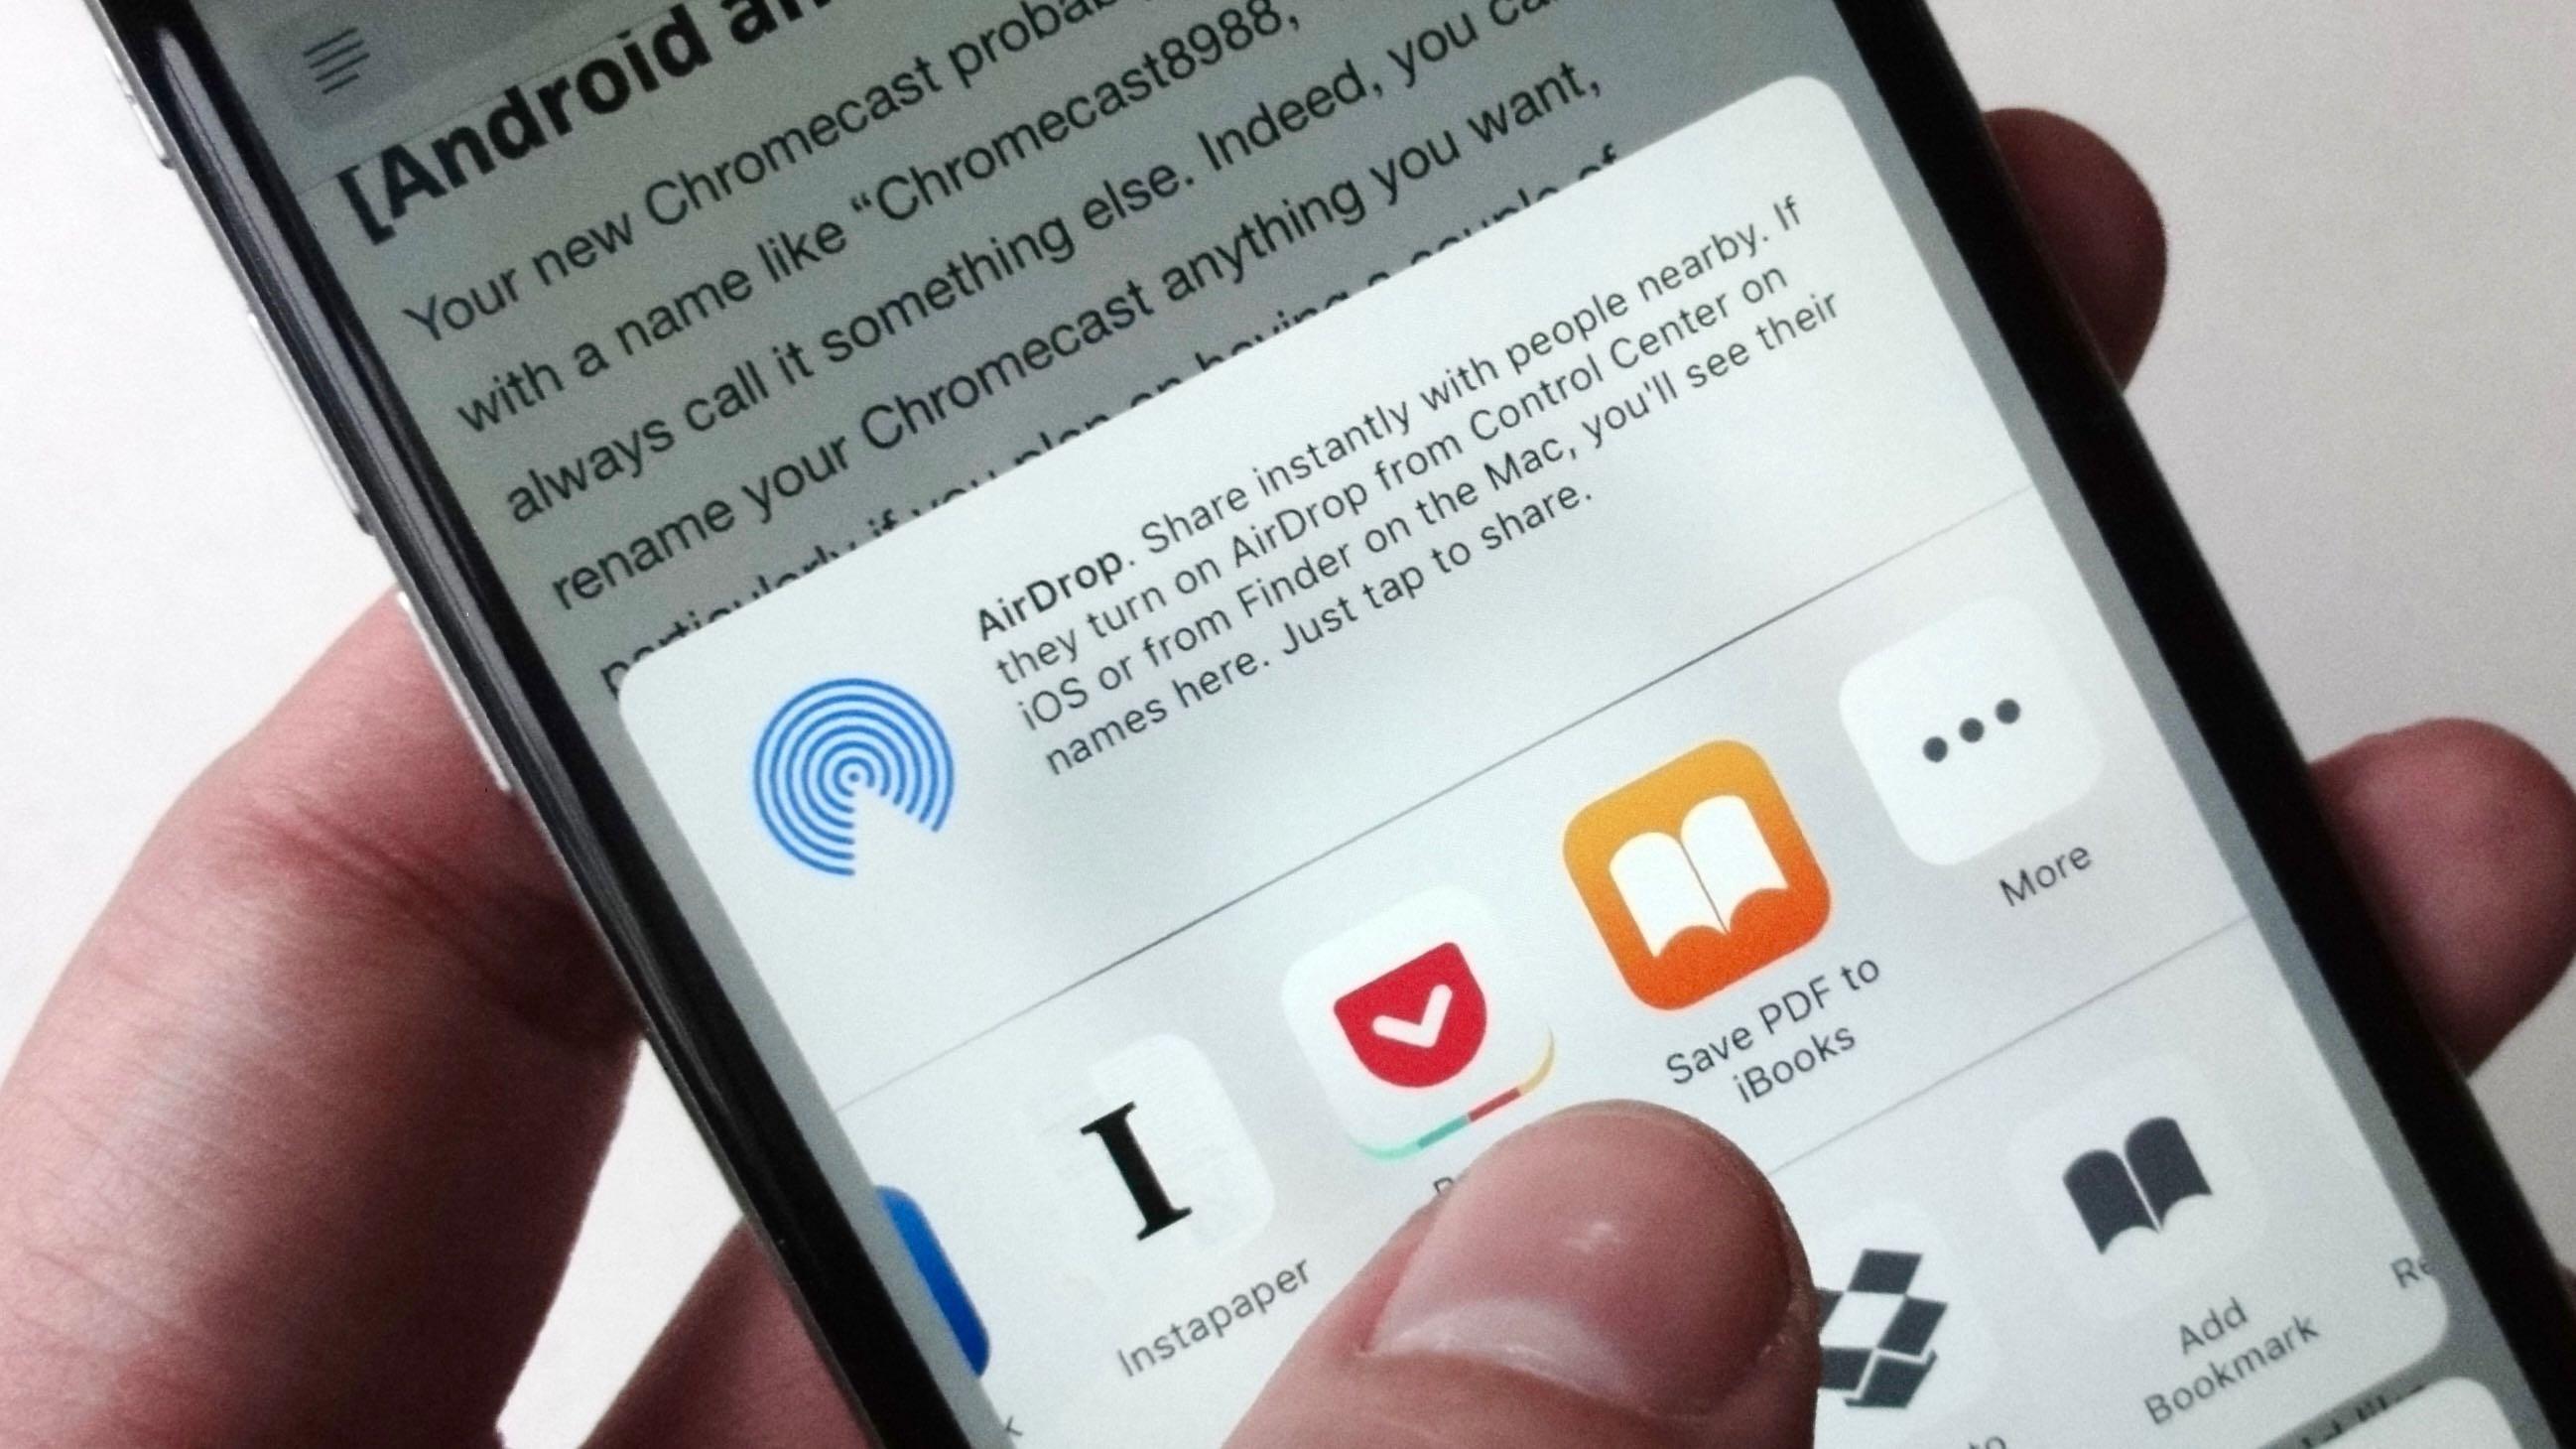 4 cách lưu lại trang web trên Android hoặc iPhone